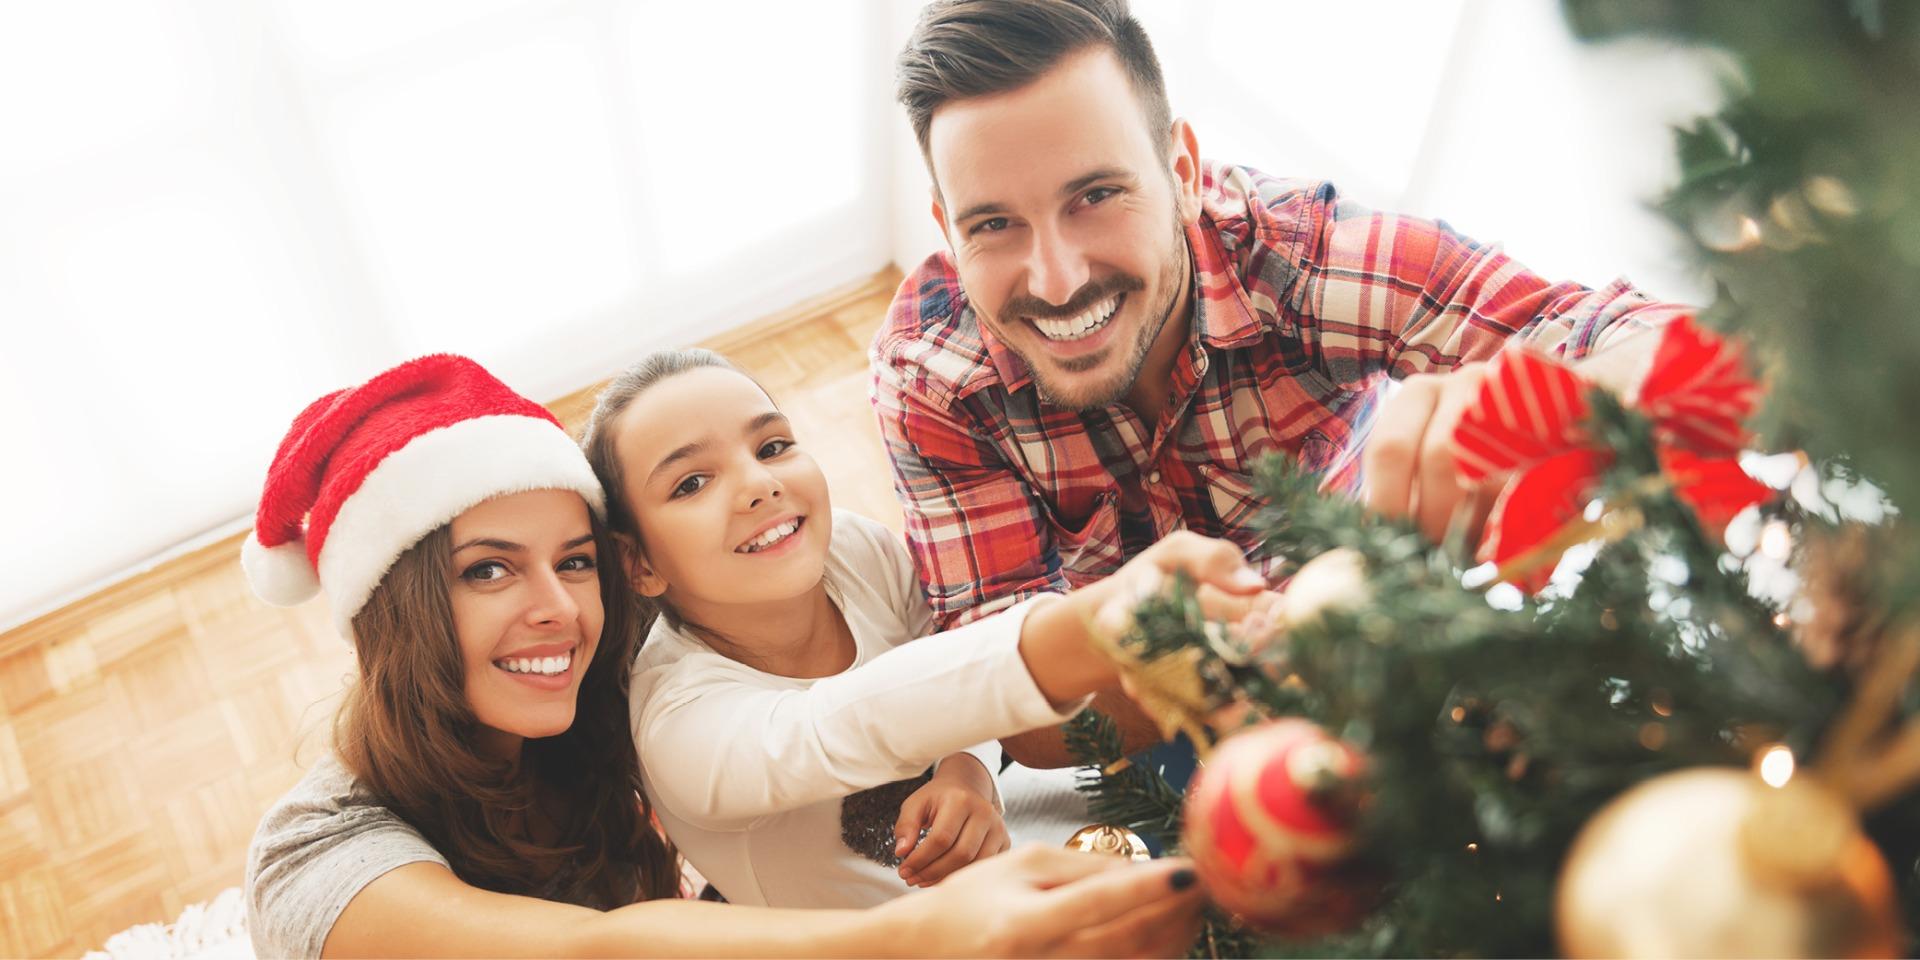 JPGs_sRGB_750x375px_Weihnachten_Startseite